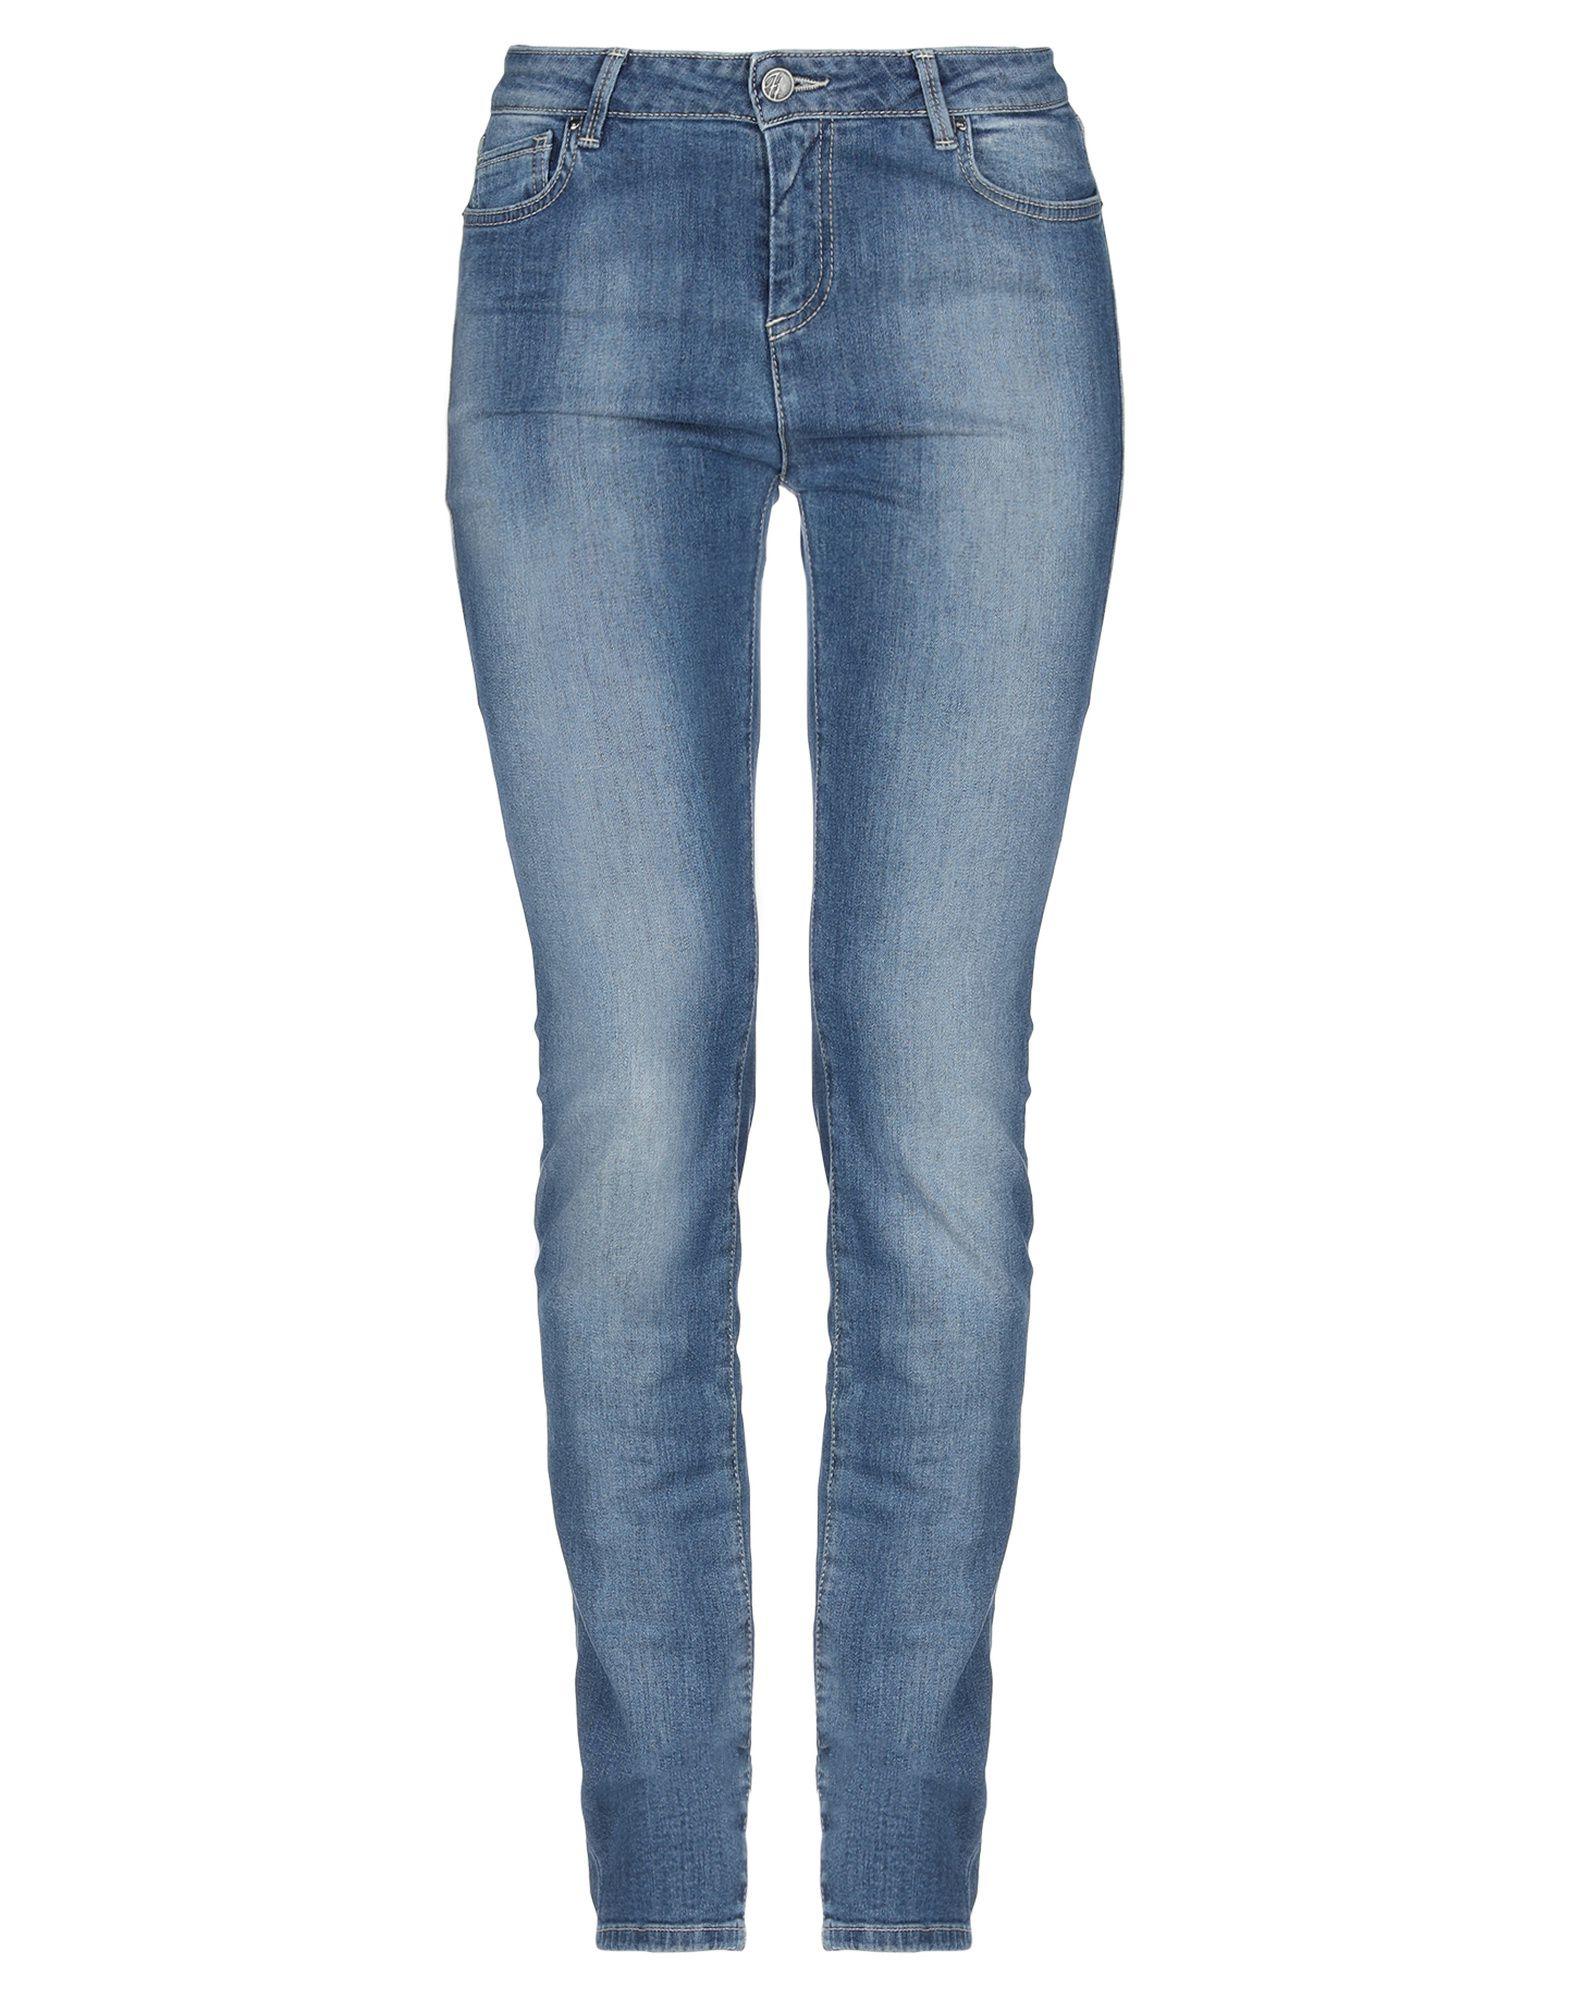 купить FIFTY FOUR Джинсовые брюки по цене 2800 рублей